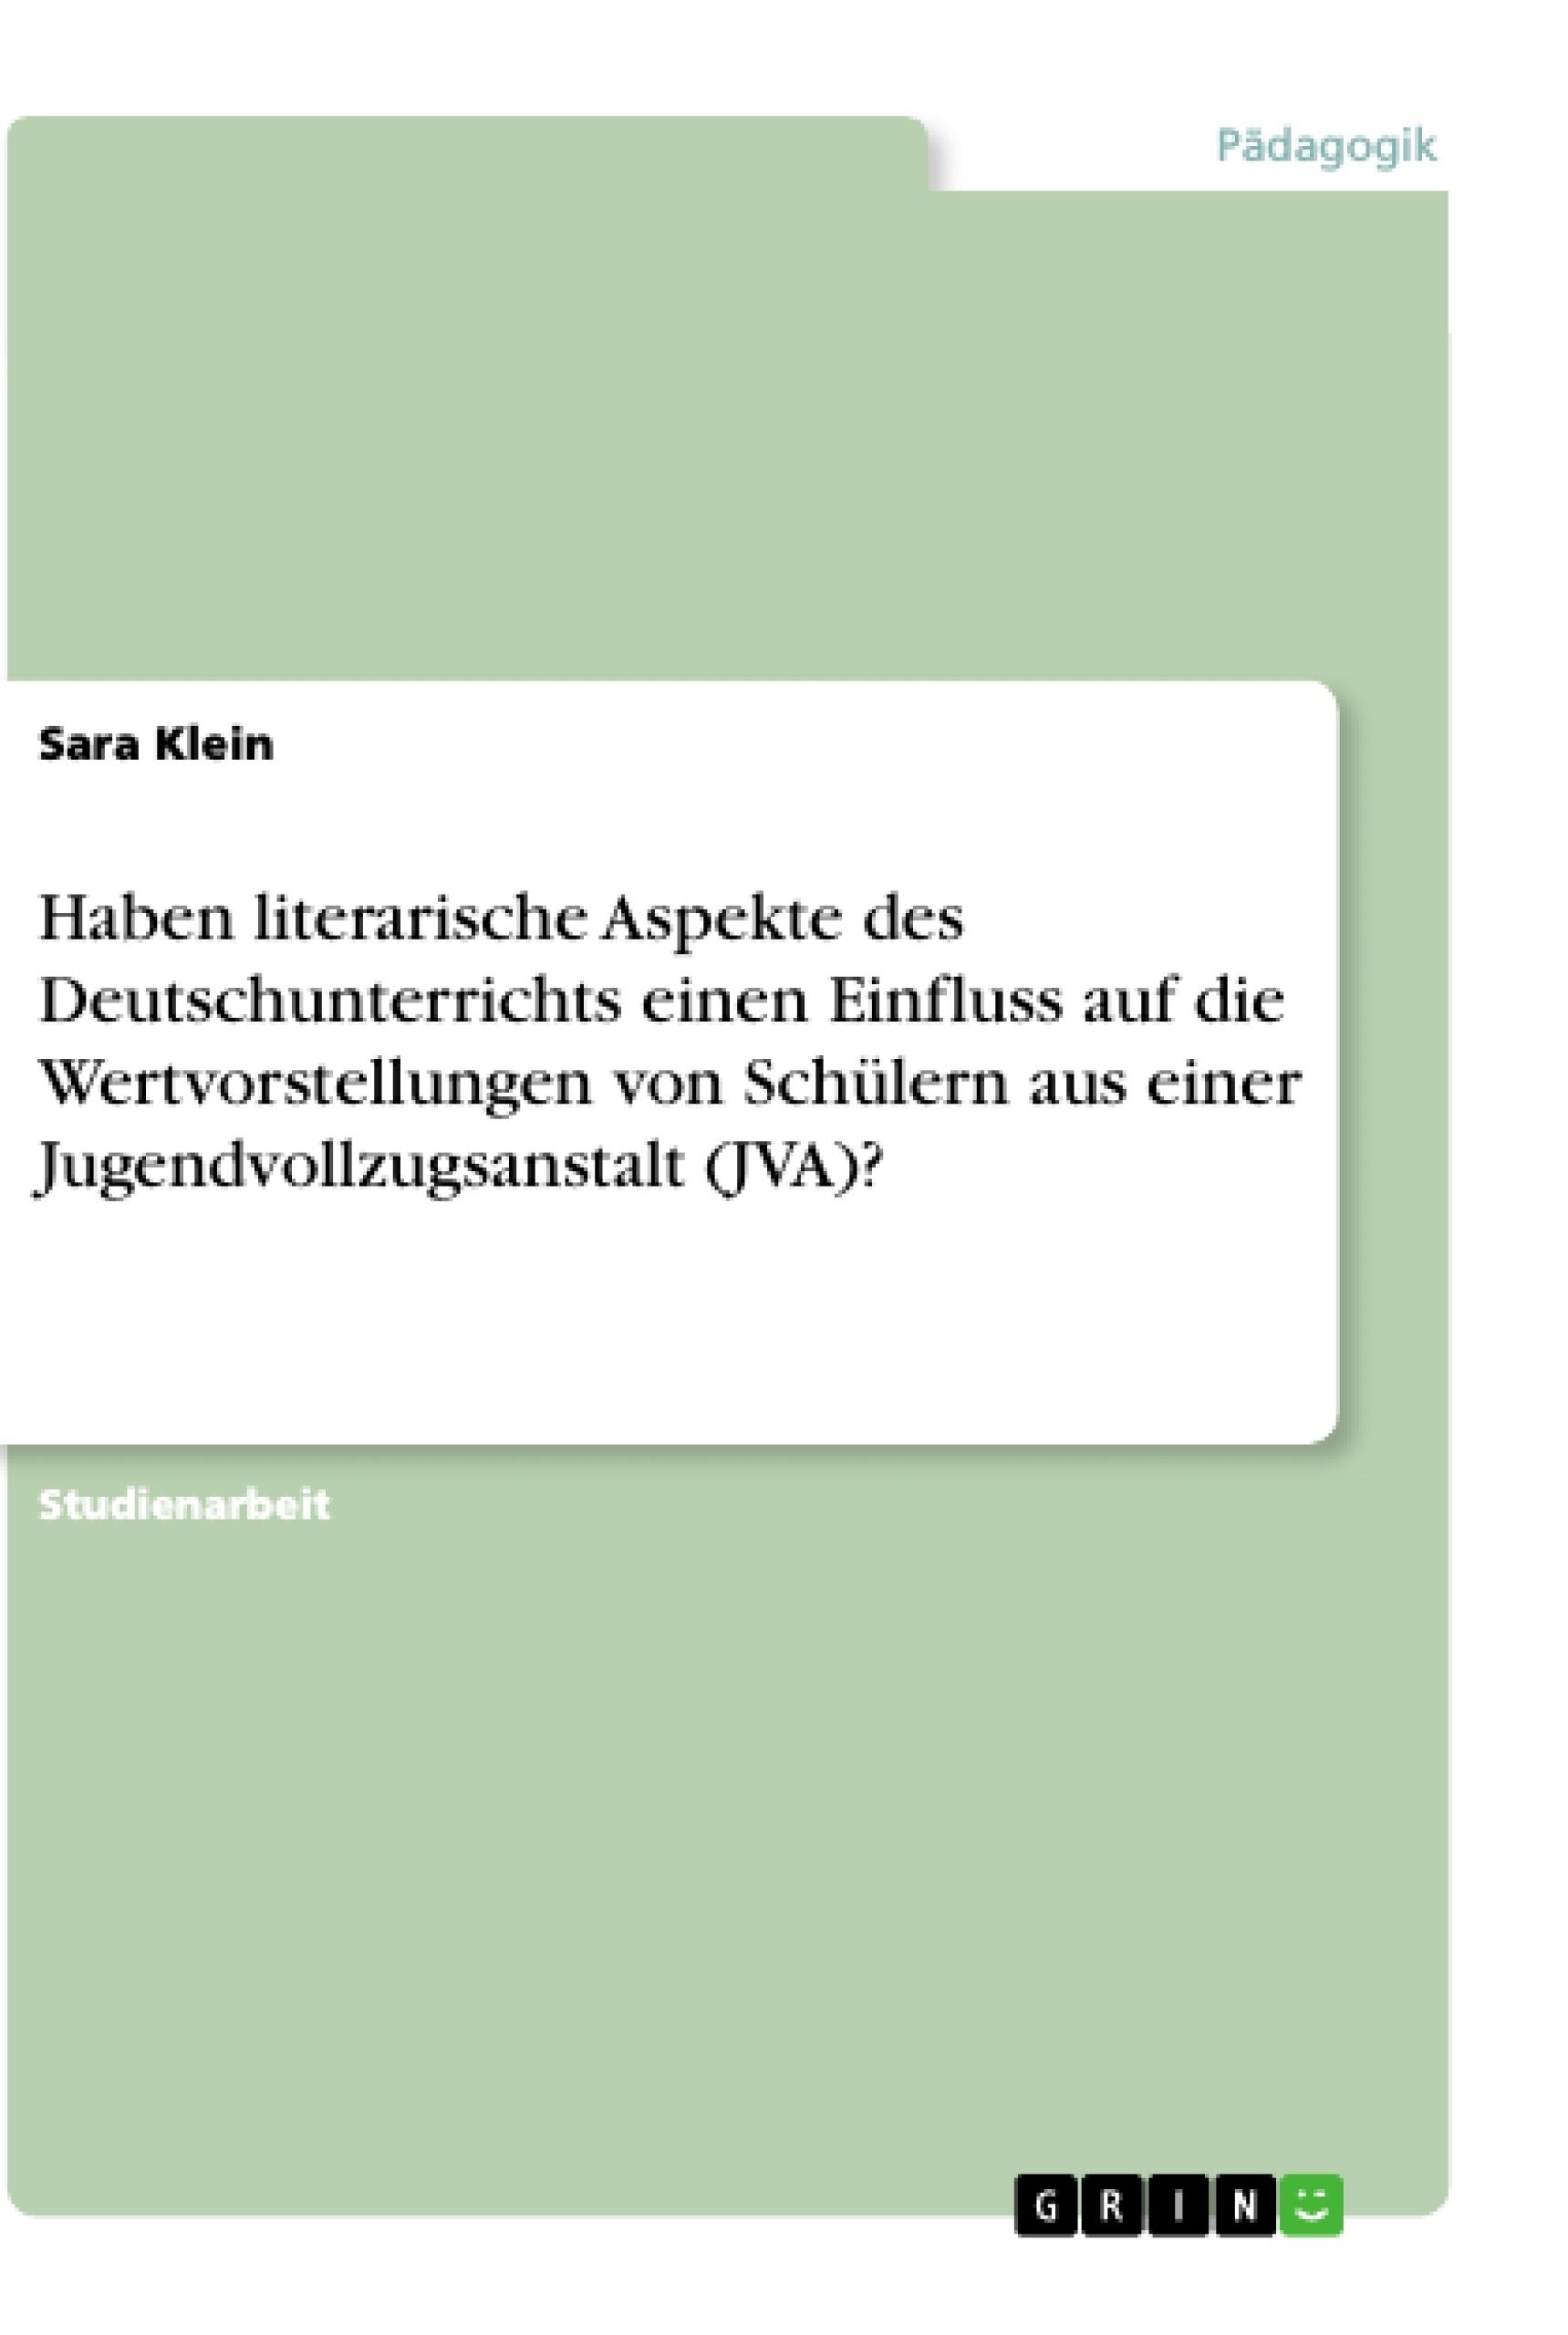 Titel: Haben literarische Aspekte des Deutschunterrichts einen Einfluss auf die Wertvorstellungen von Schülern aus einer Jugendvollzugsanstalt (JVA)?